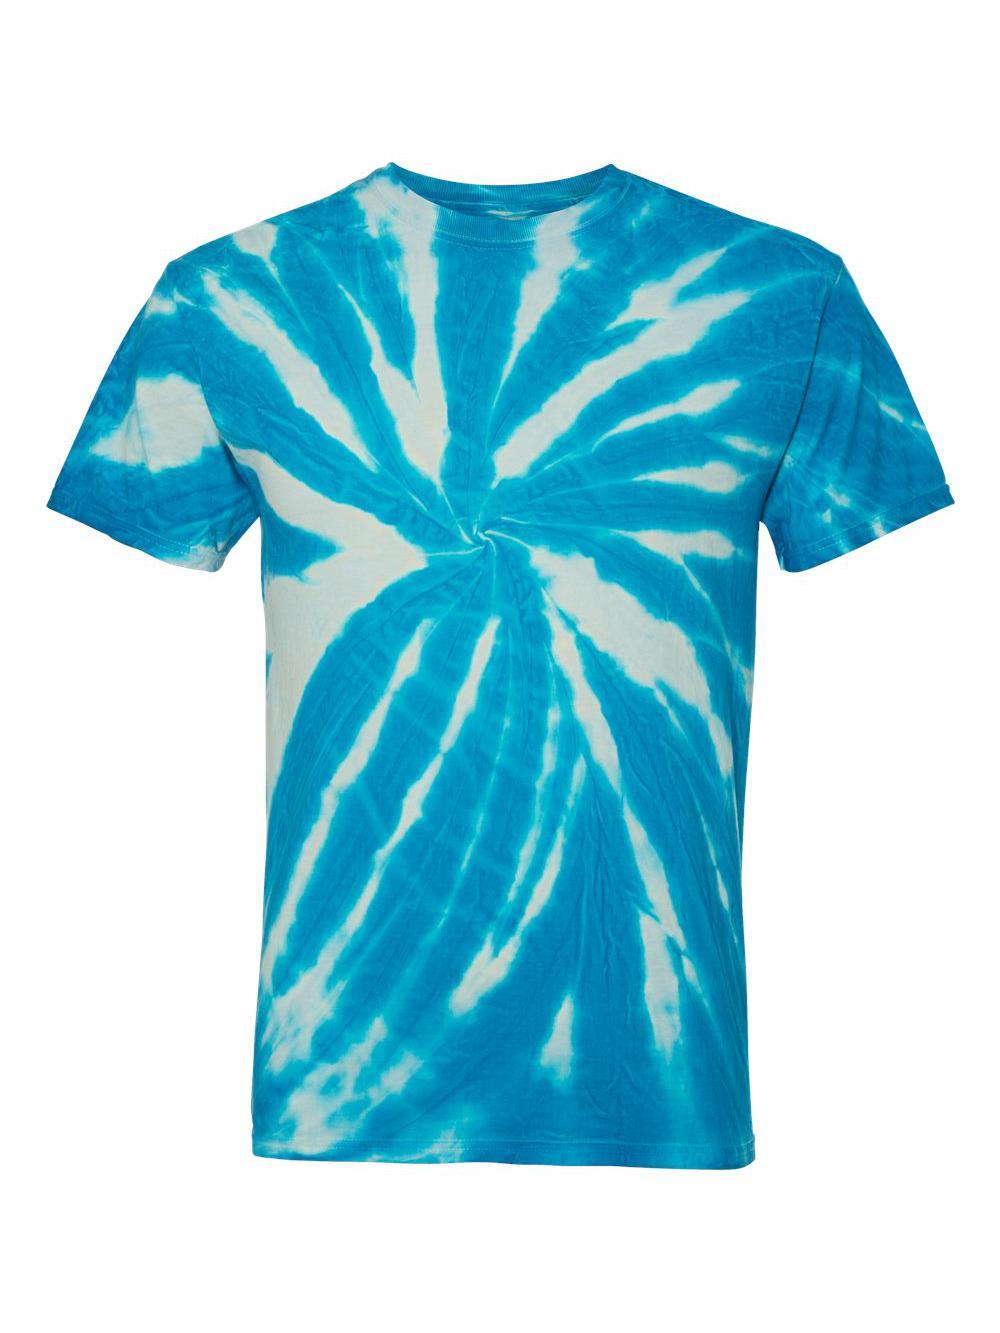 Dyenomite-Glow-in-the-Dark-T-Shirt-200GW thumbnail 6